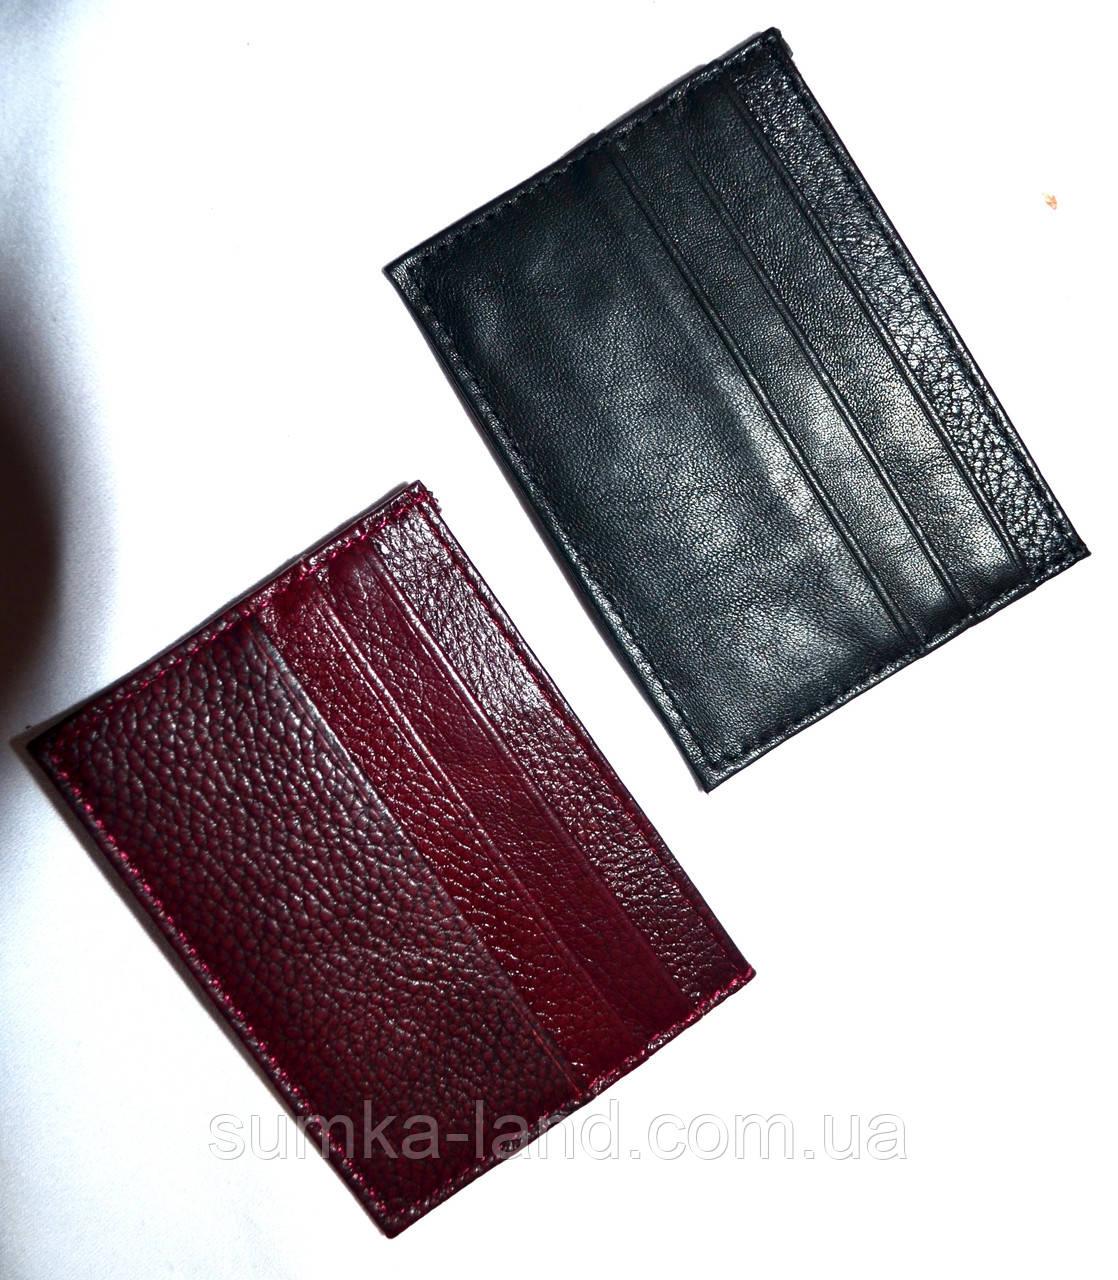 Визитницы карманные унисекс 10*7,5 см